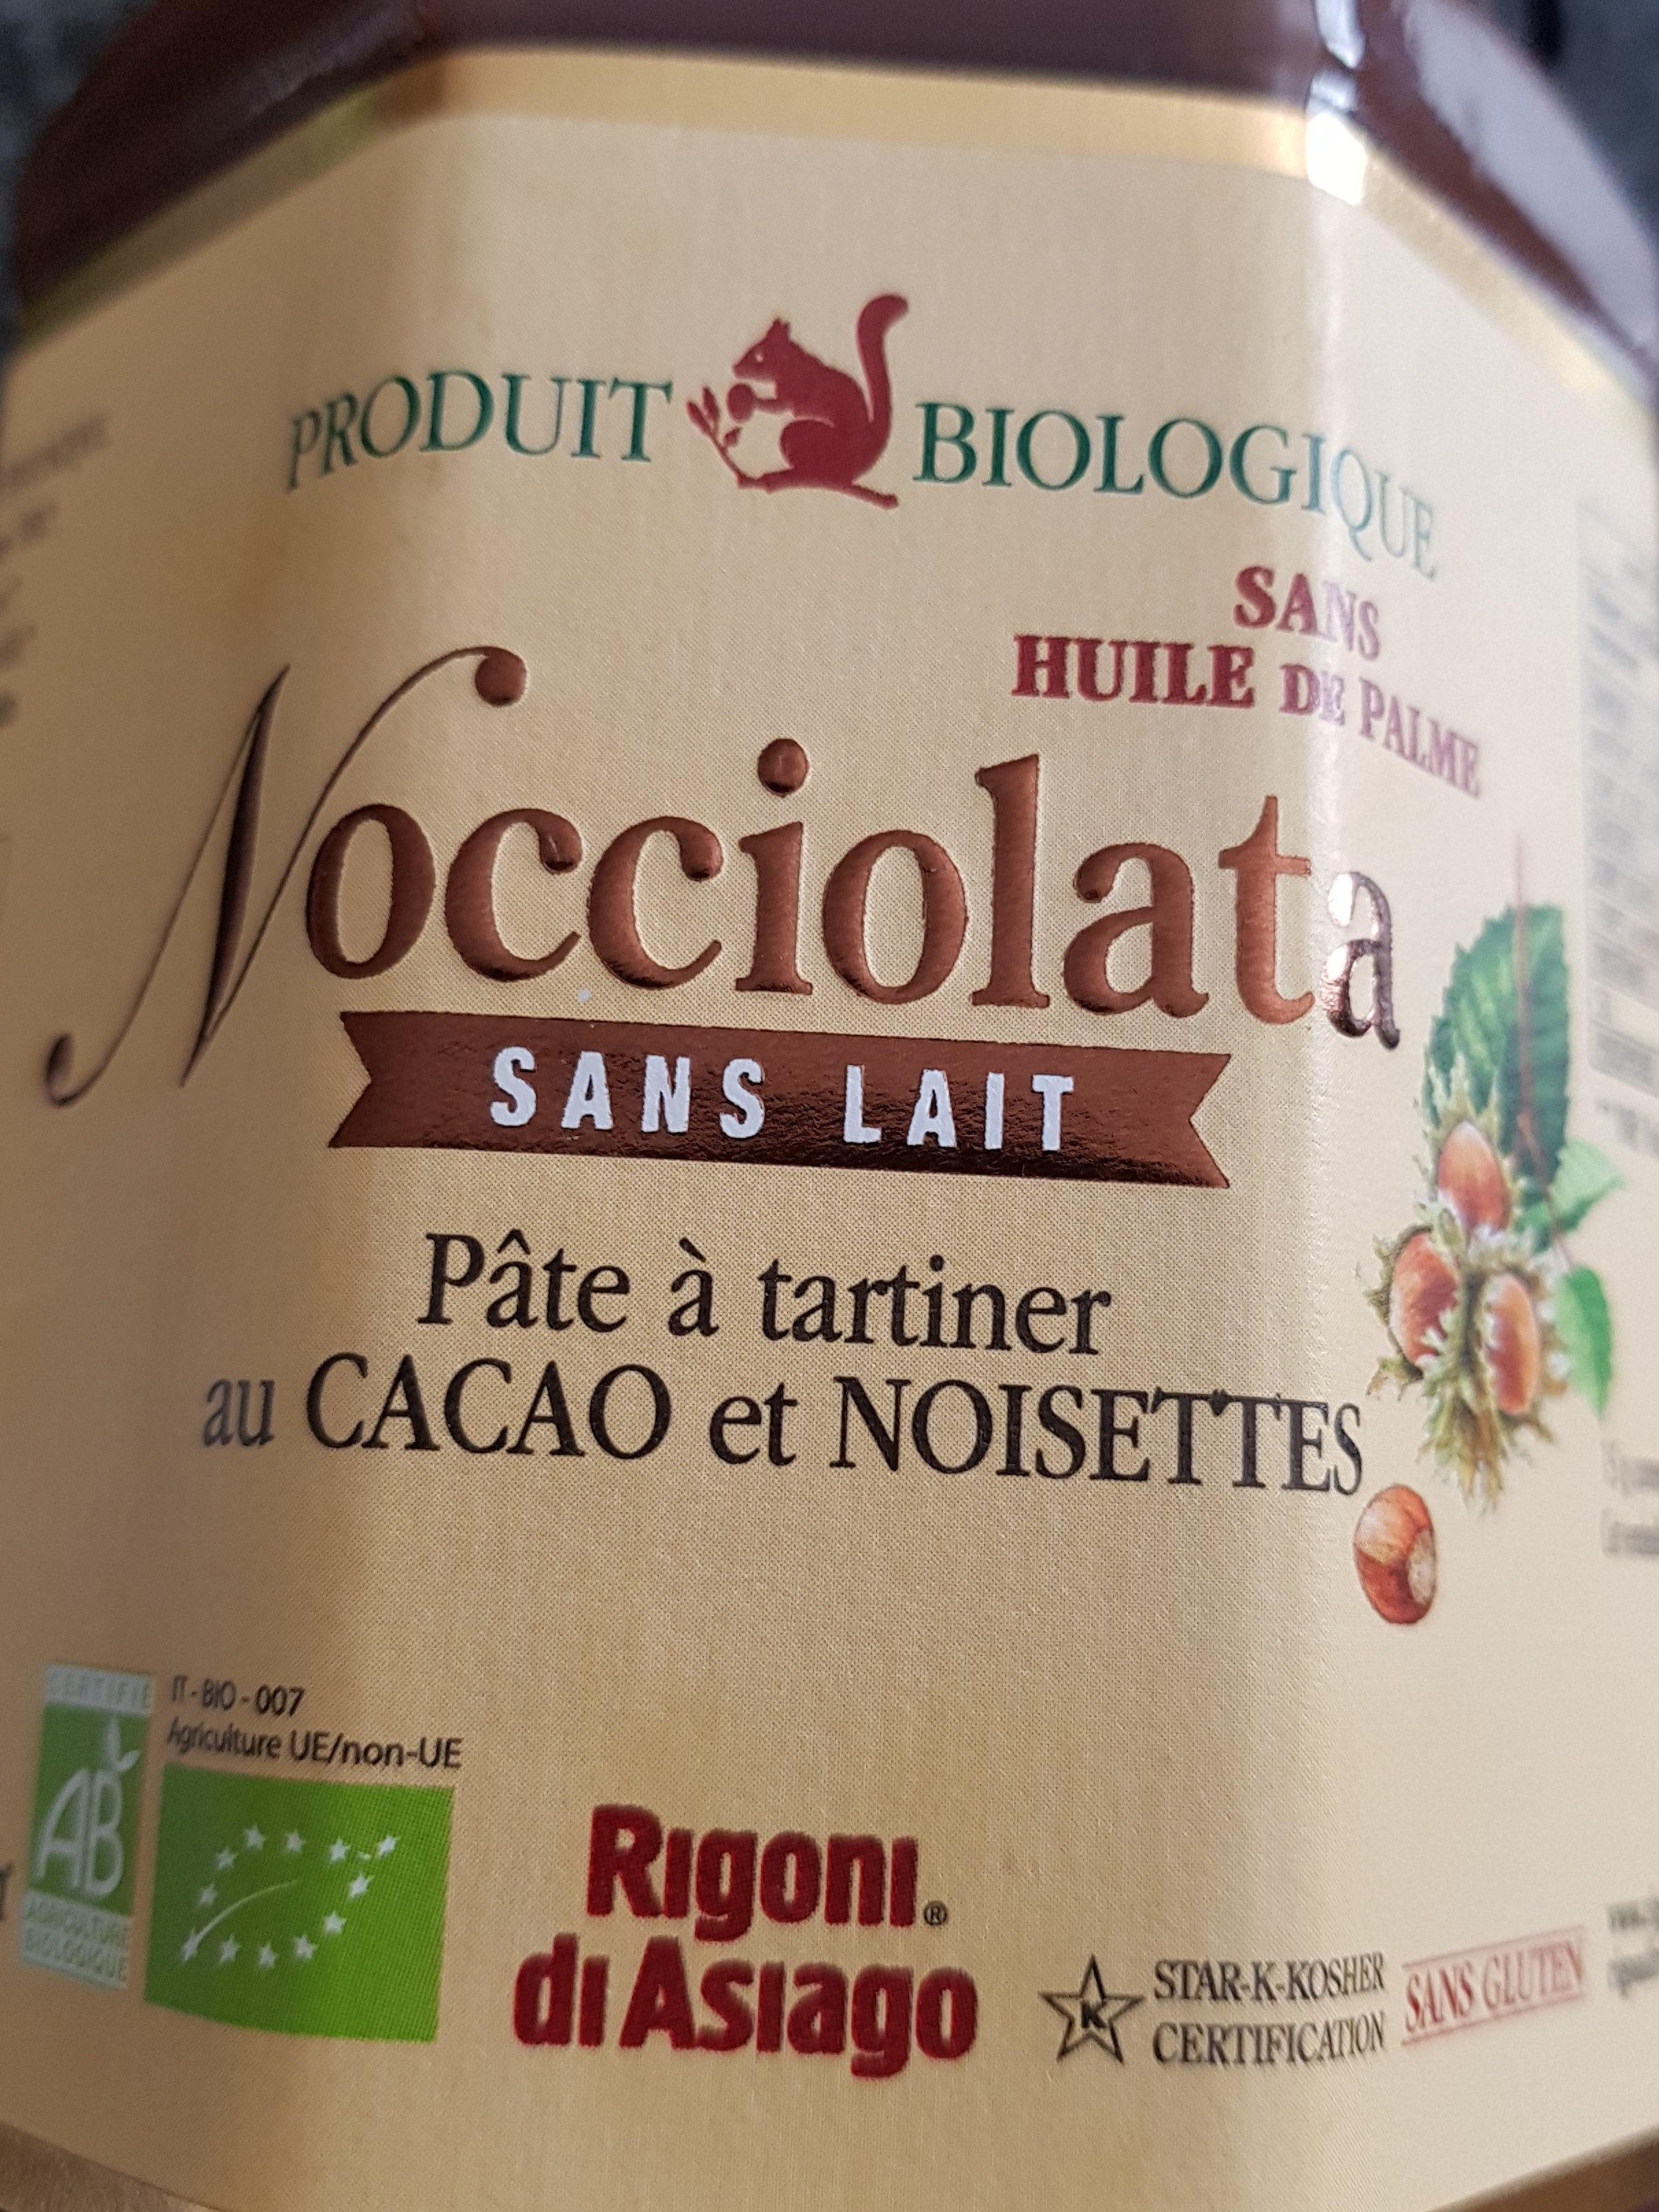 Nocciolata sans lait - Produit - fr